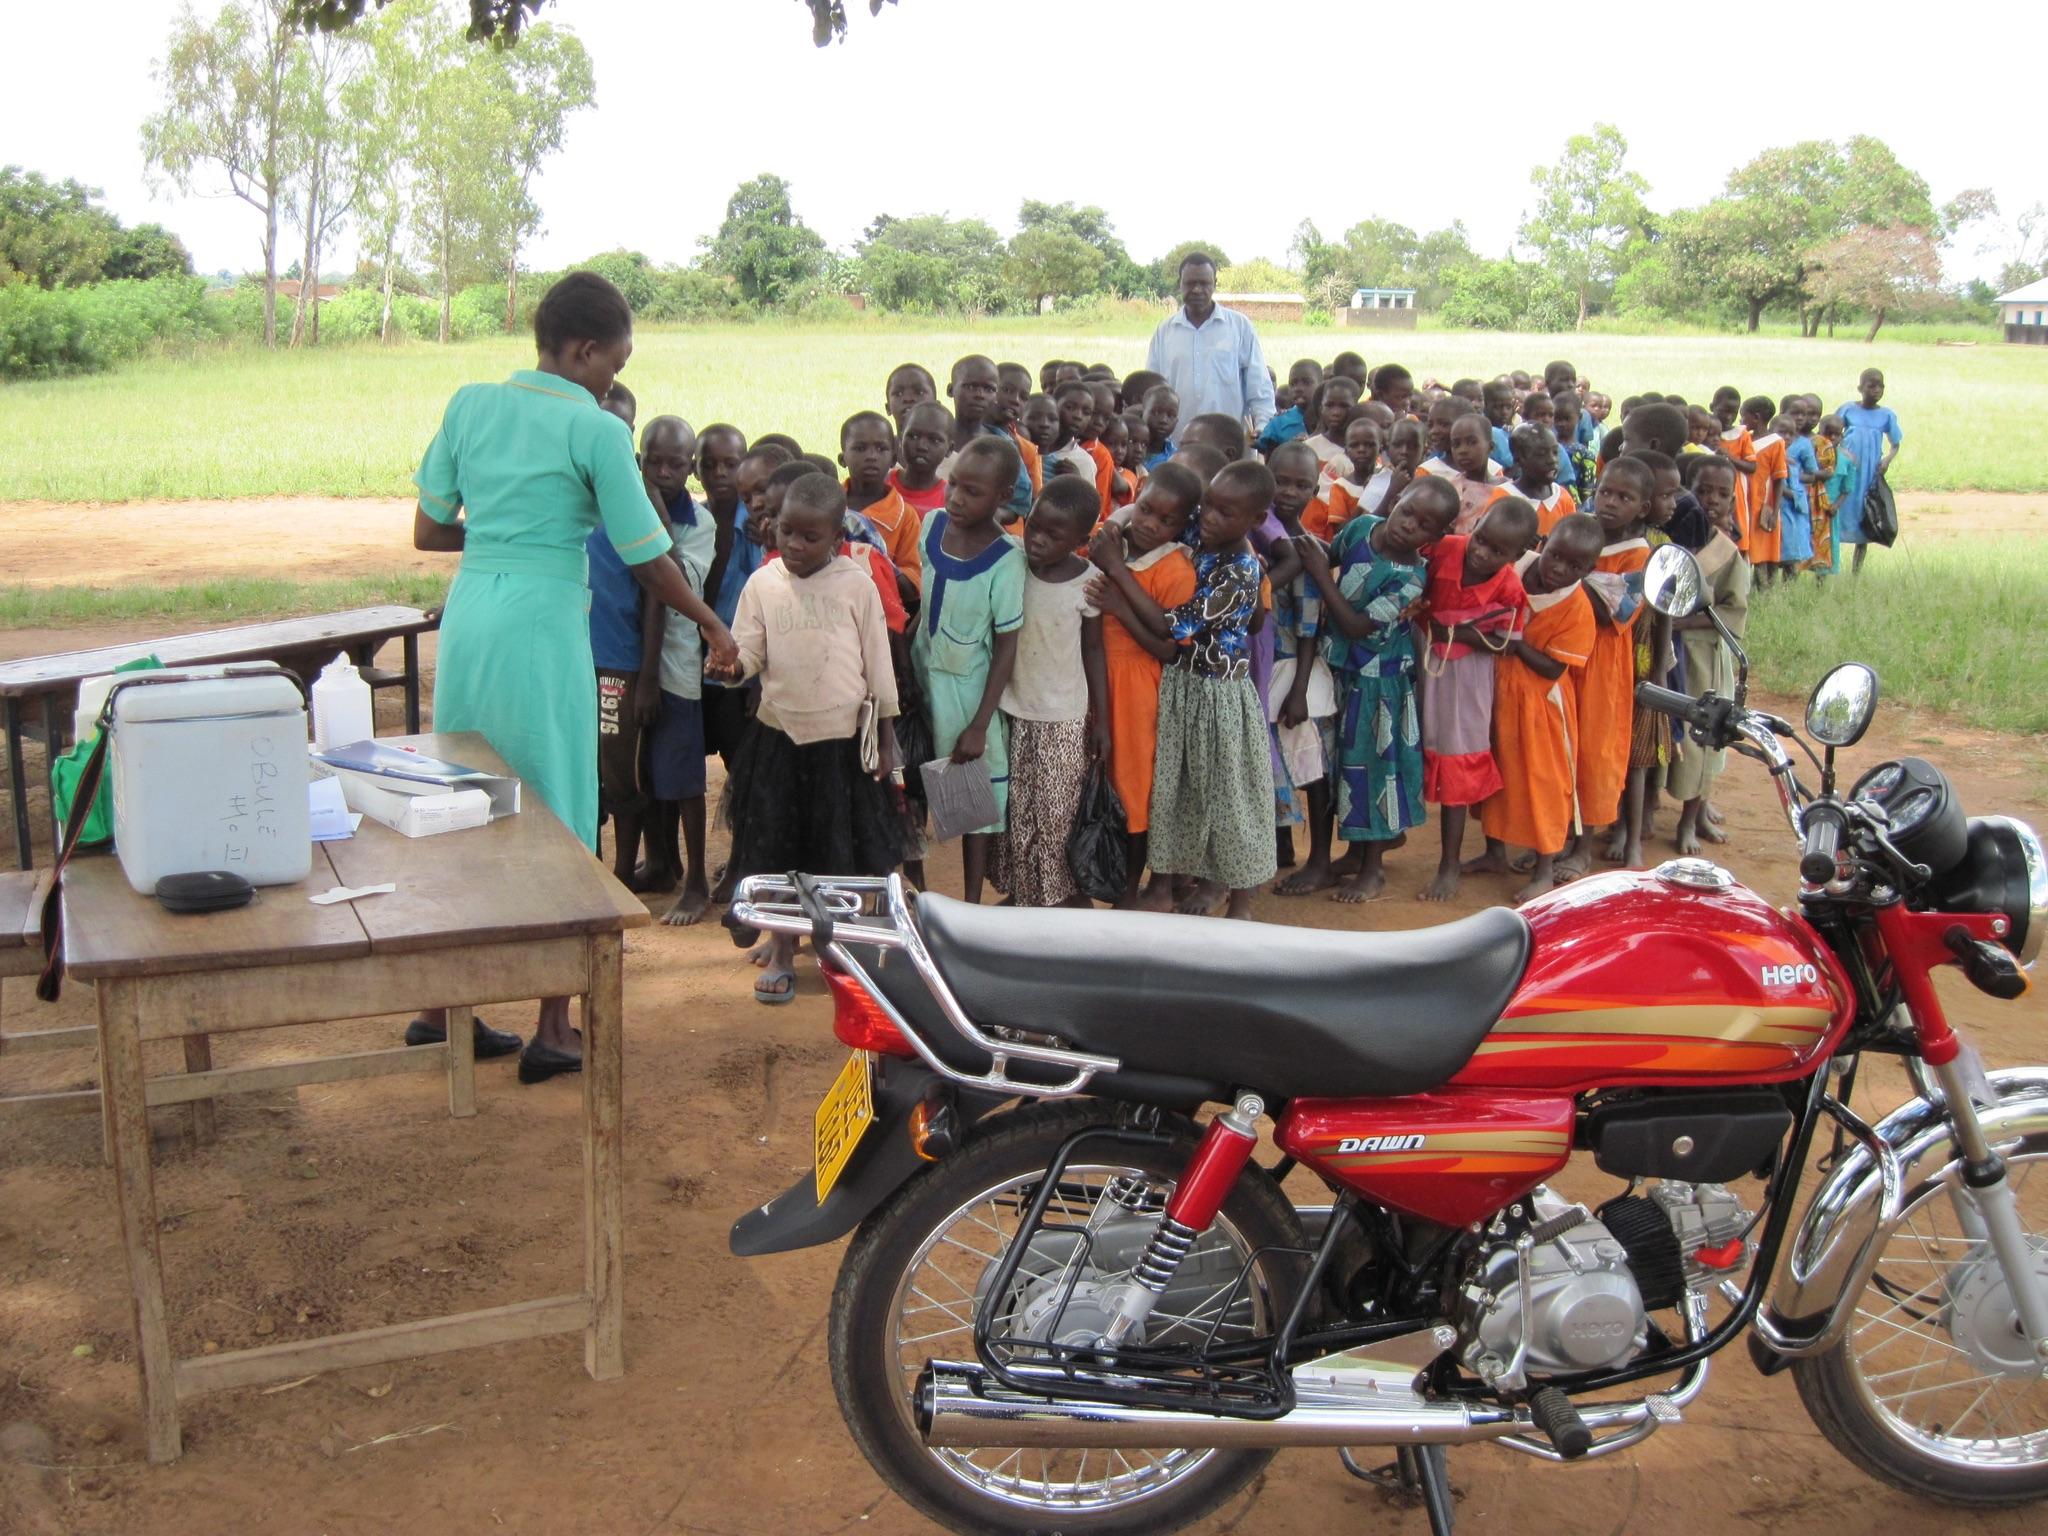 Una sessione di vaccinazioni in un villaggio con la nuova motocicletta